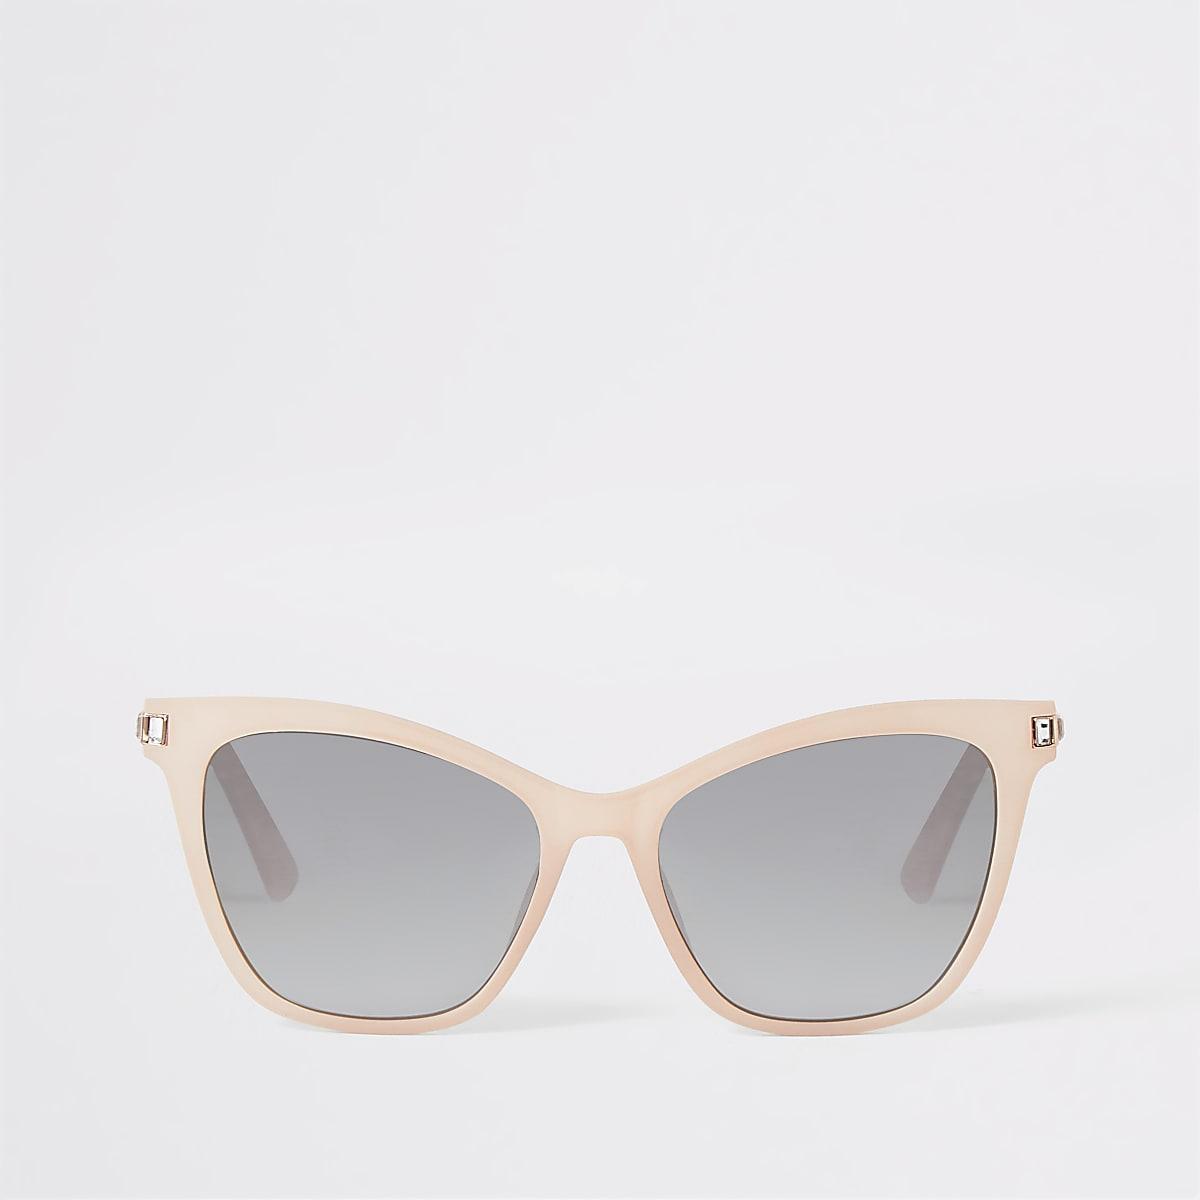 Pinke Sonnenbrille mit Strassverzierung